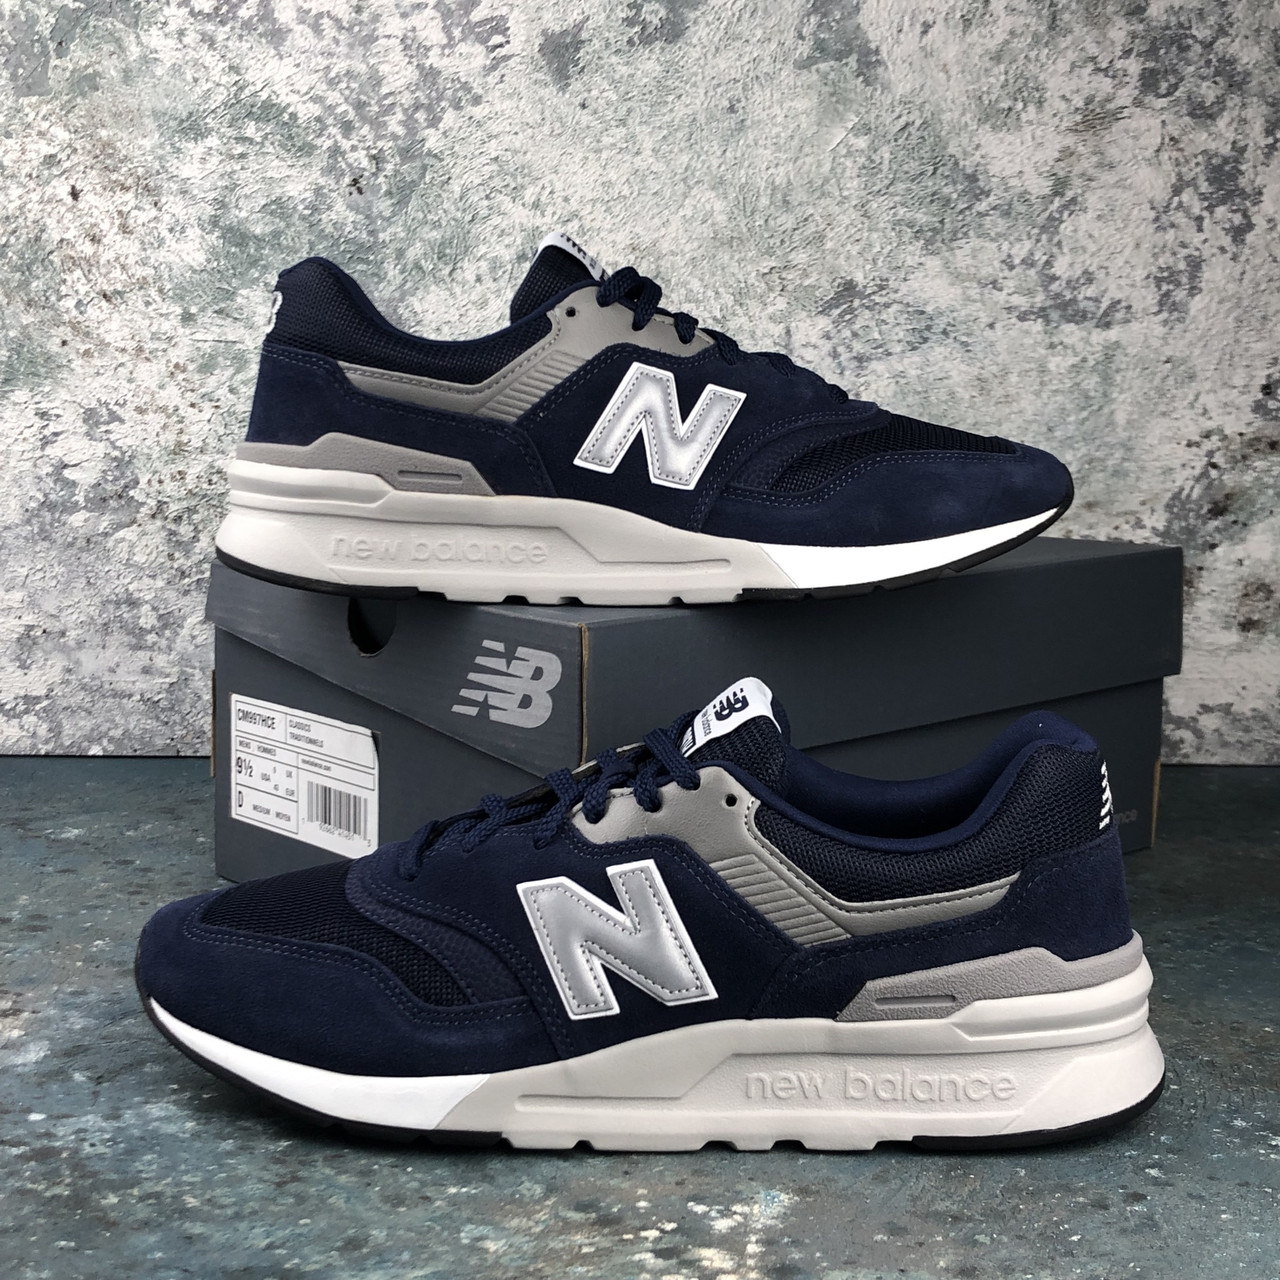 Мужские кроссовки New Balance 997 H Dr. Blue/Silver CM997HCE. Оригинал. Замша. Подошва резина